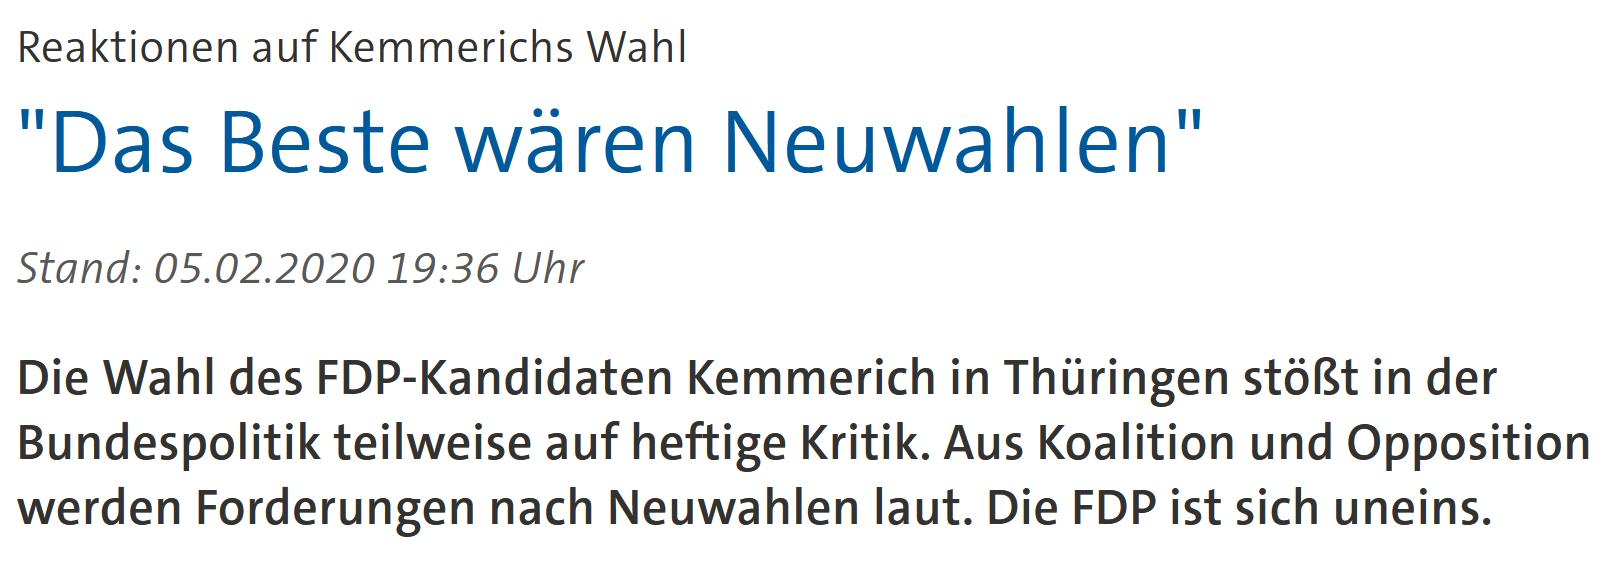 """""""Reaktionen auf Kemmerichs Wahl: 'Das Beste wären Neuwahlen'"""""""